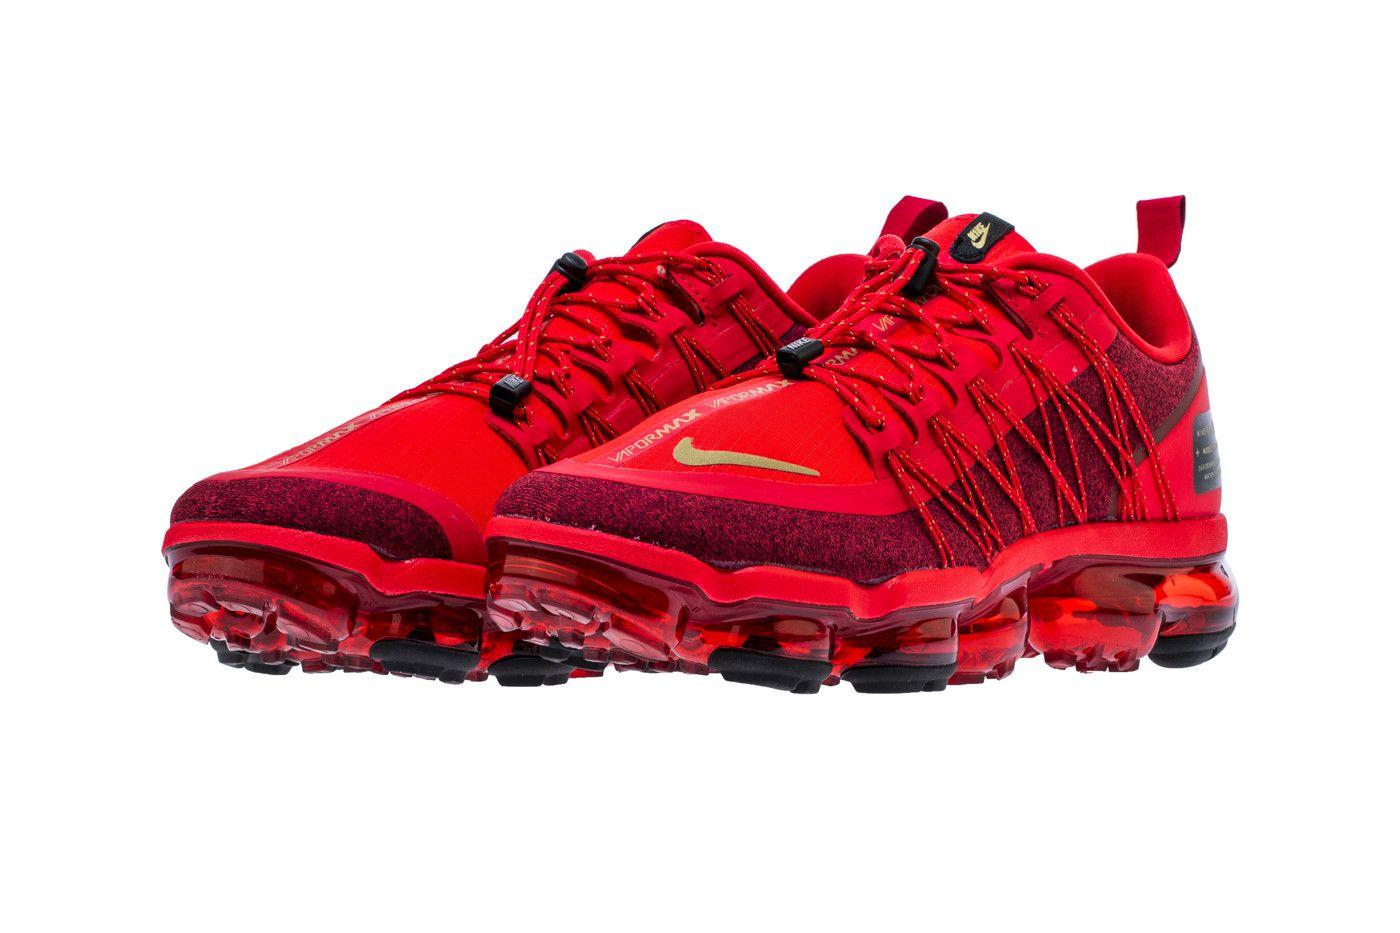 Nike air vapormax, Nike, Red sneakers